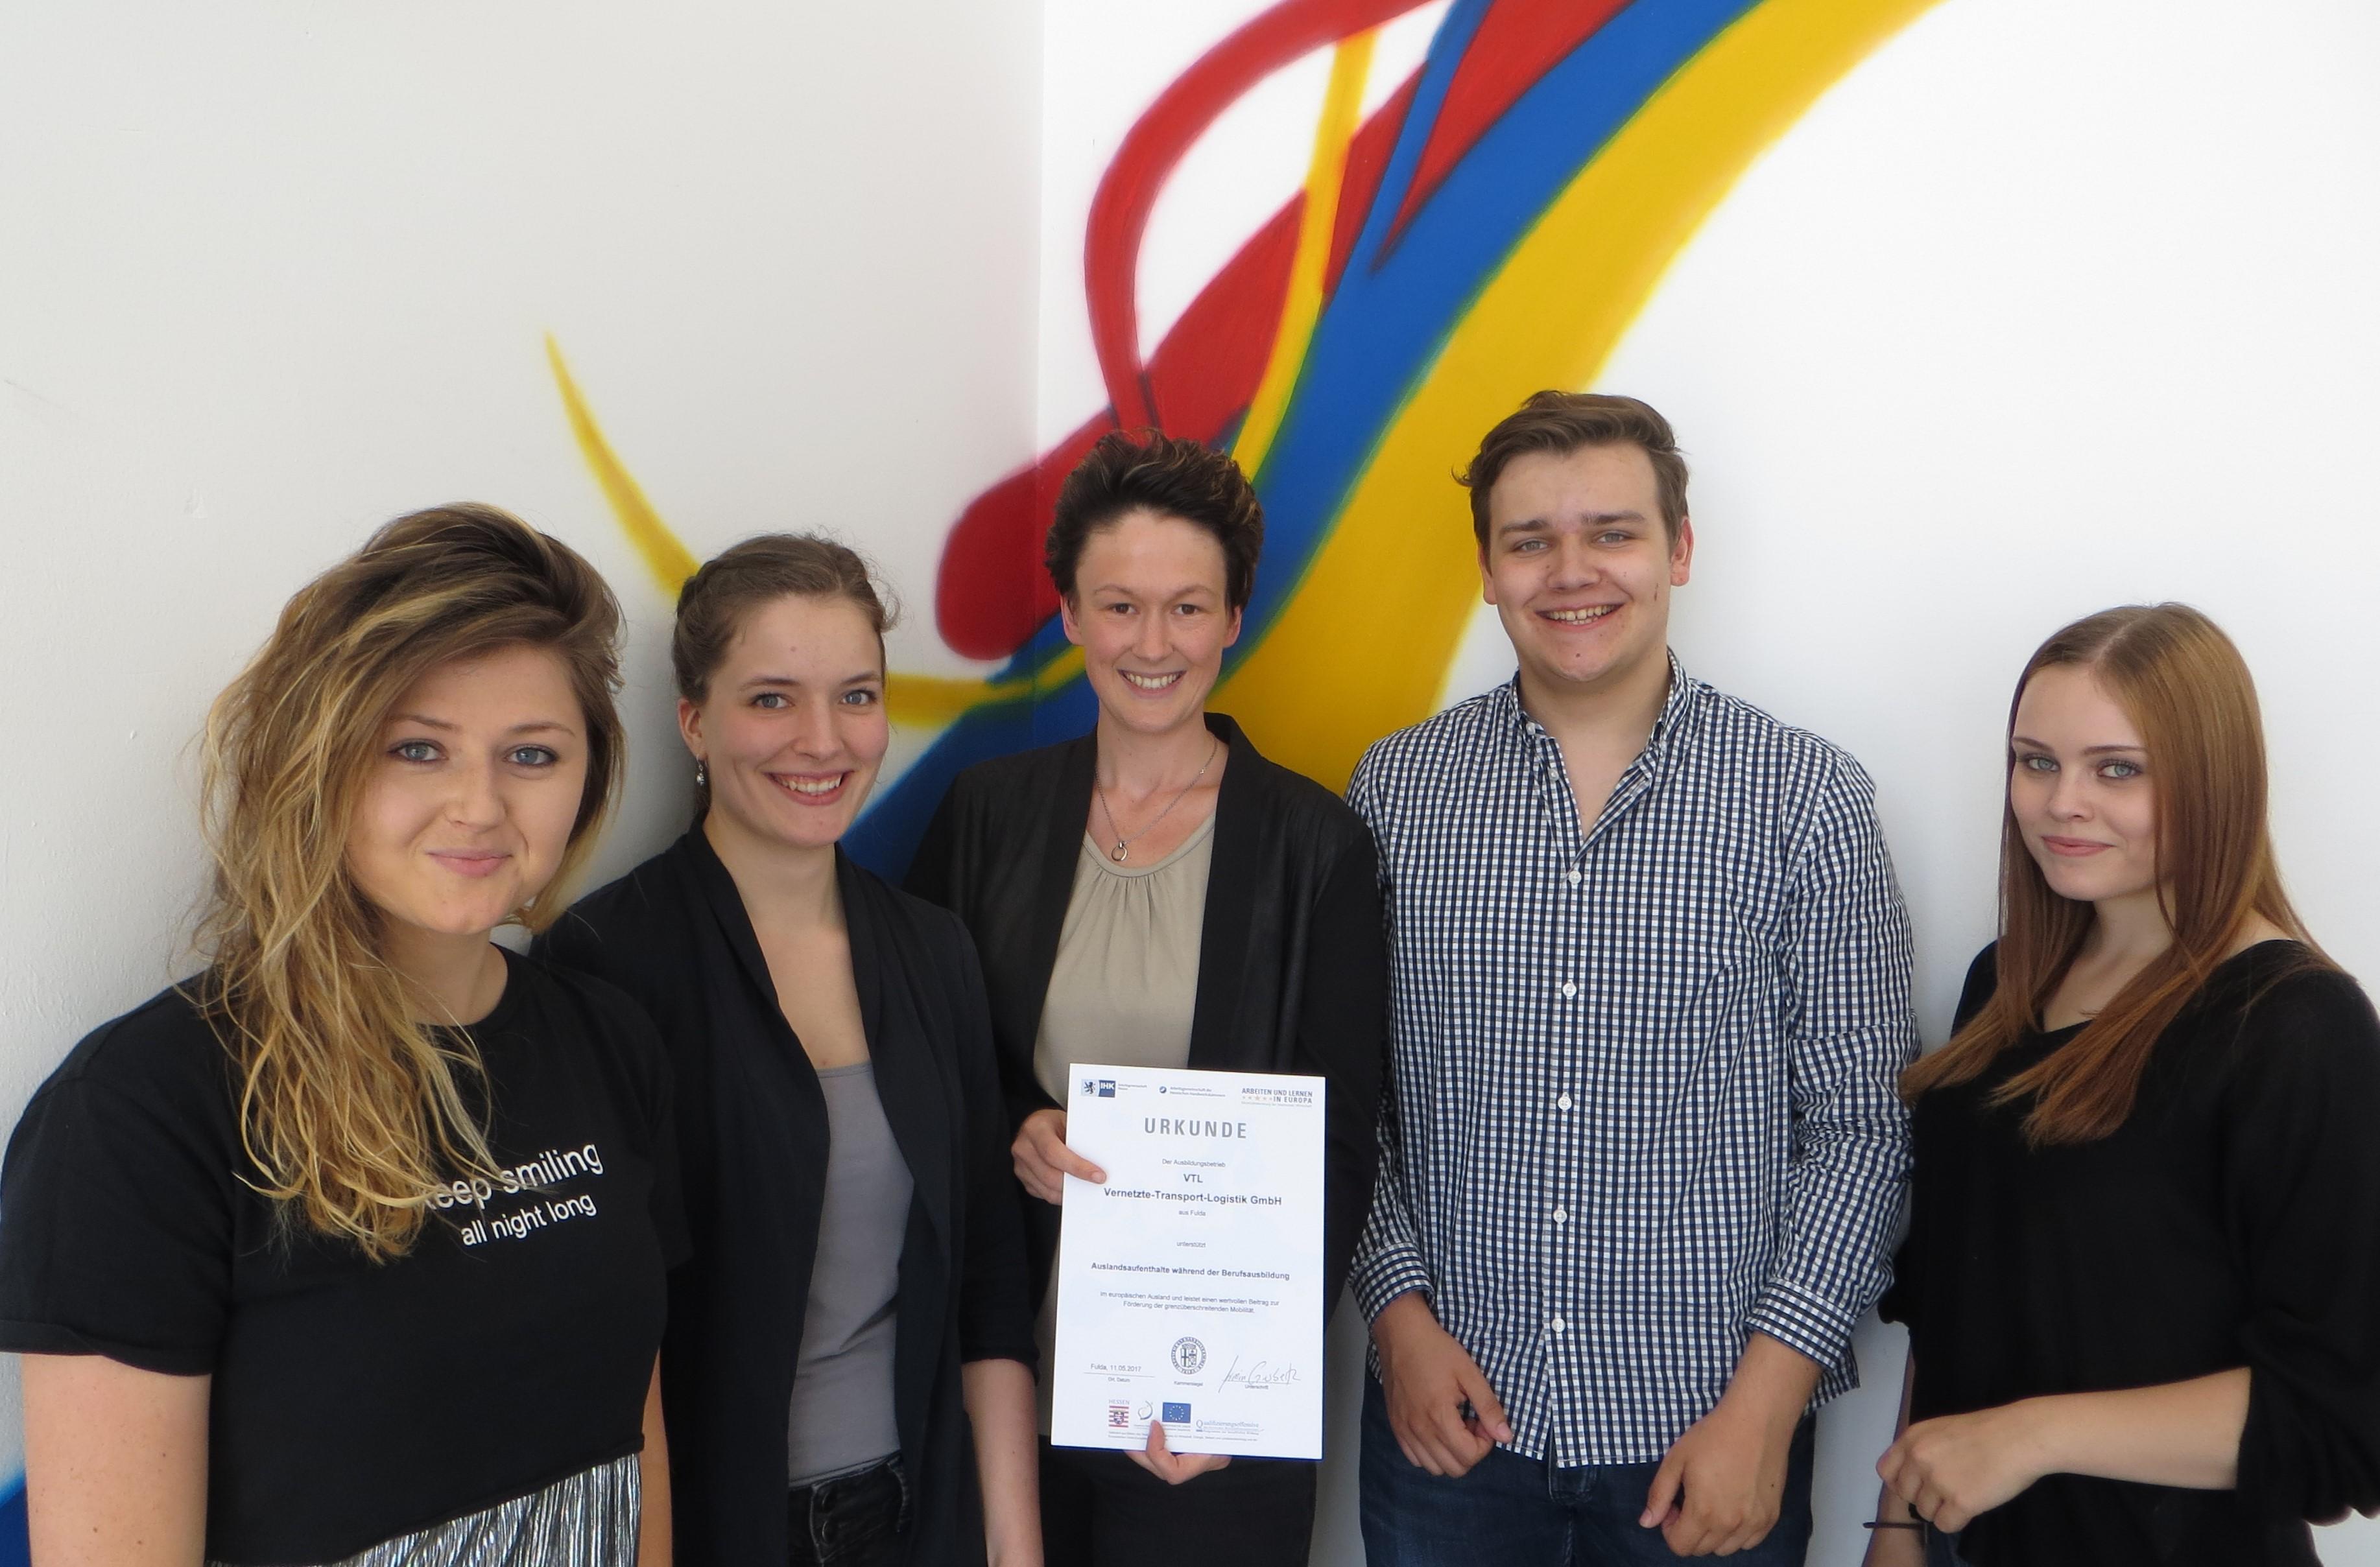 Urkunde für VTL für die Unterstützung von Auslandsaufenthalten während der Berufsausbildung